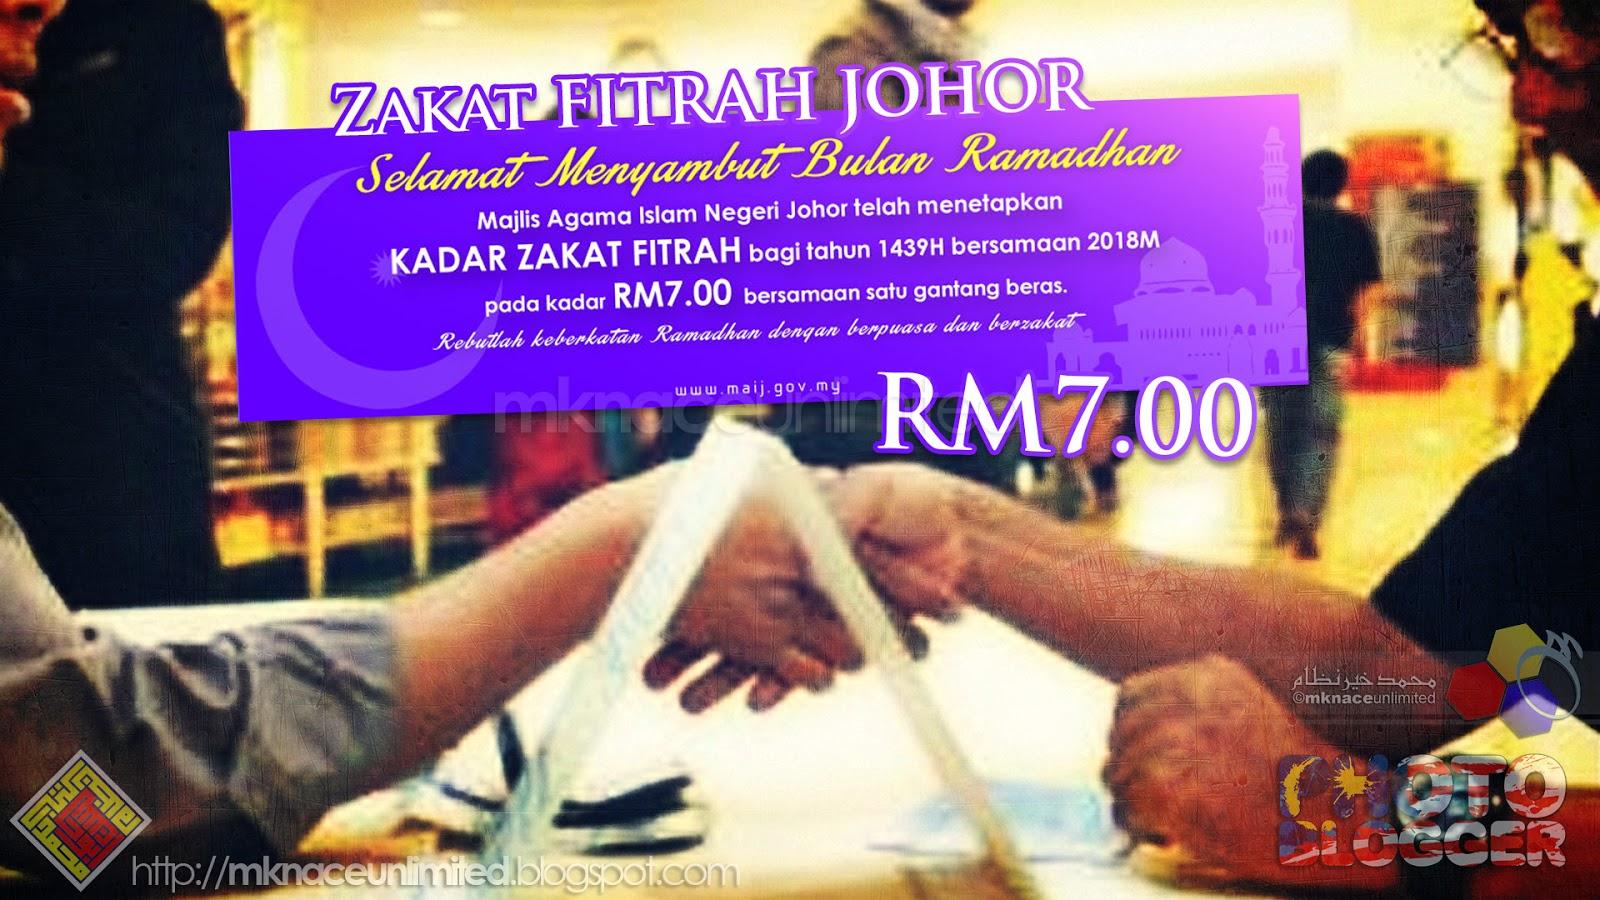 Umat Islam yang bermukim di Negeri Johor wajib menunaikan zakat fitrah di  Negeri Johor. Bayaran fitrah hendaklah dibayar kepada amil bertauliah dan  ... 75b51f1071